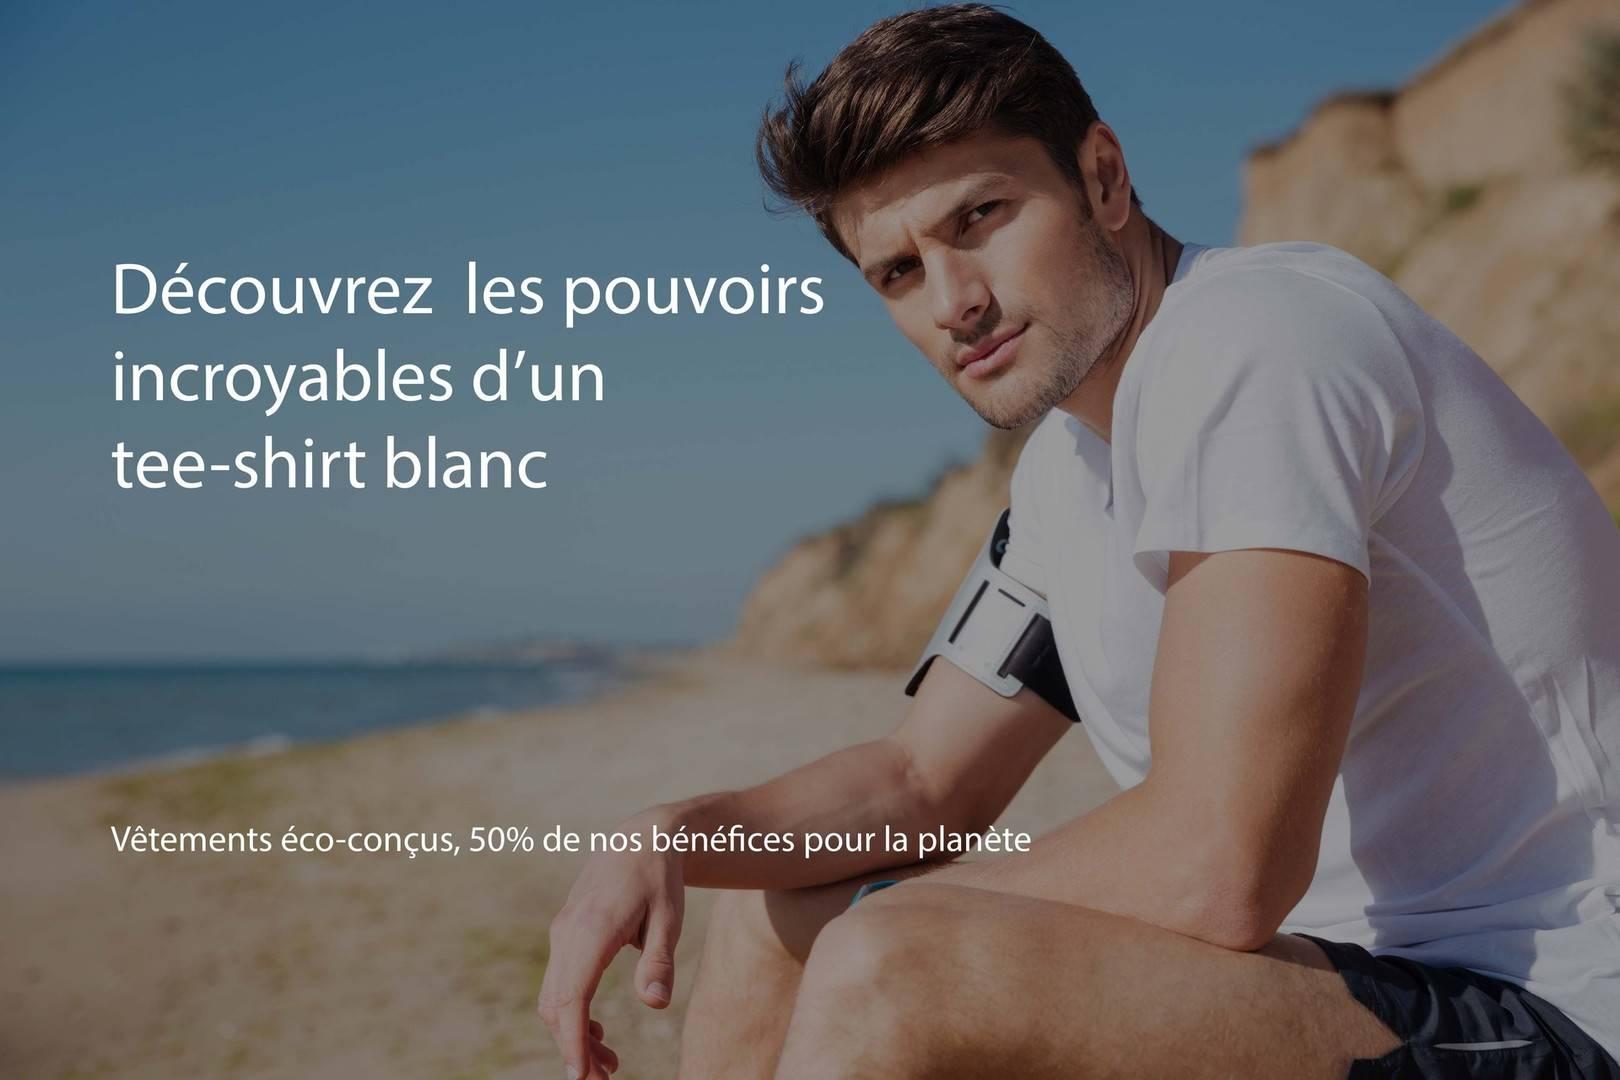 Découvrez les pouvoirs incroyables d'un tee-shirt blanc